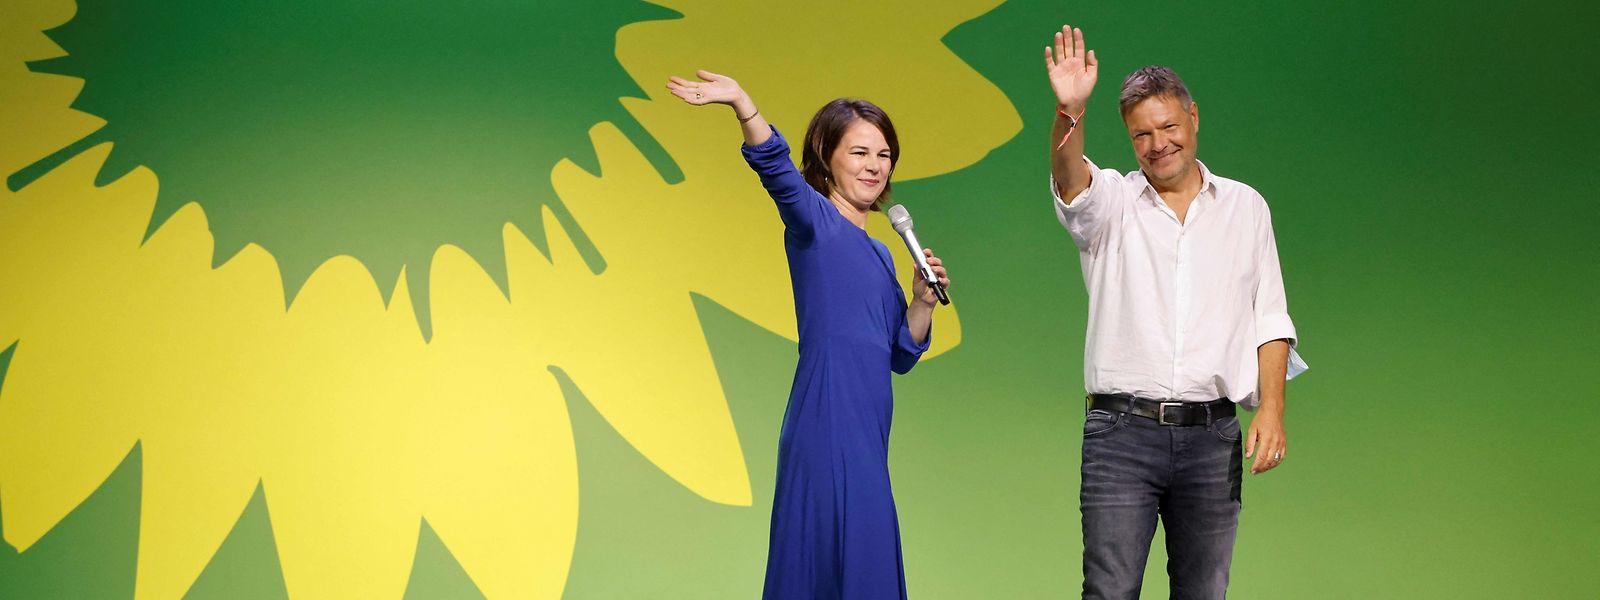 Kanzlerkandidatin Annalena Baerbock und der Co-Vorsitzende Robert Habeck: Es war mehr drin.